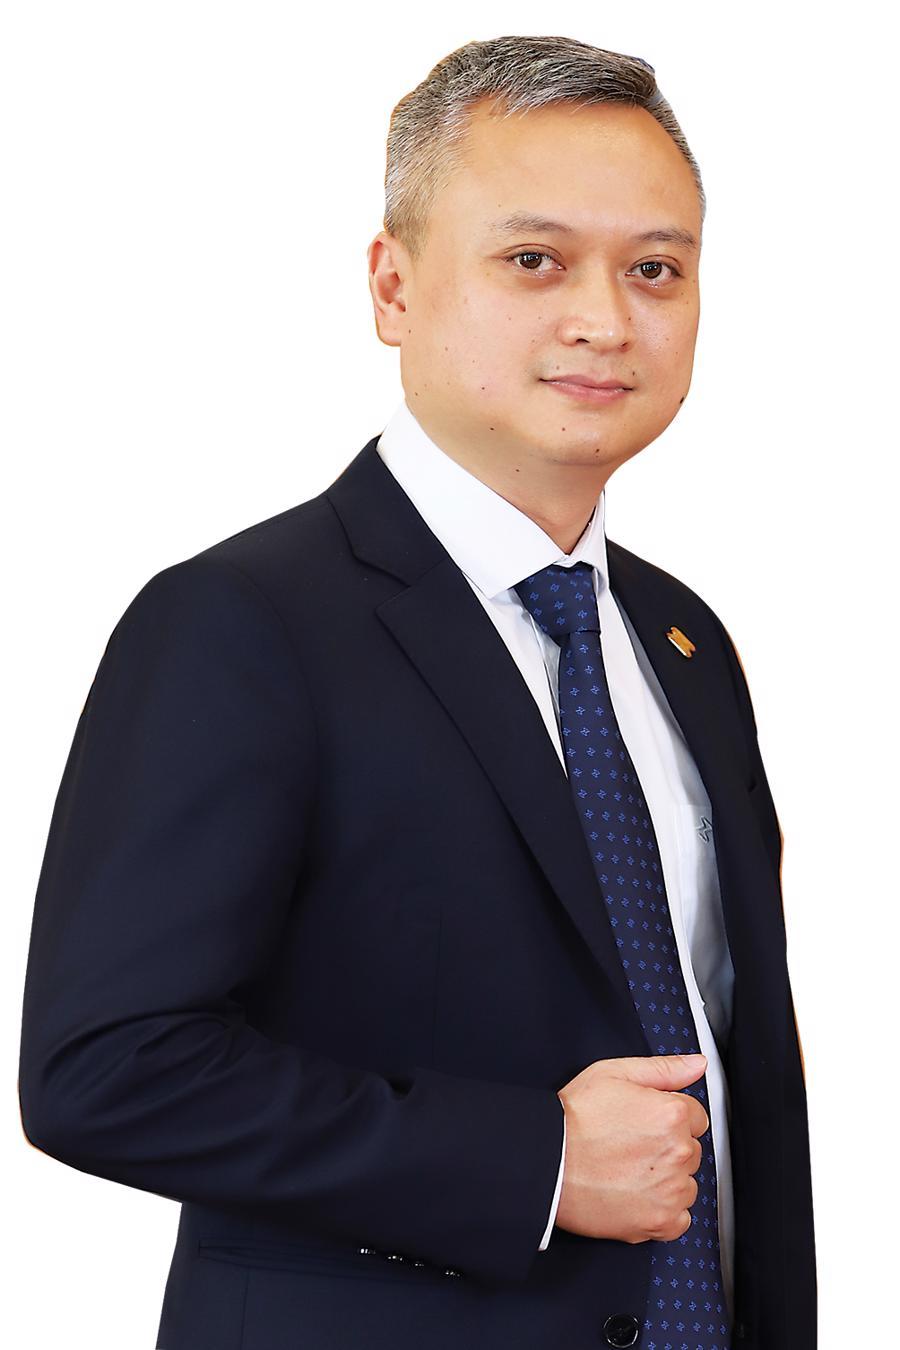 Ông Nguyễn Anh Phong, Phó Tổng giám đốc phụ trách Ban điều hành Sở GDCK Hà Nội.